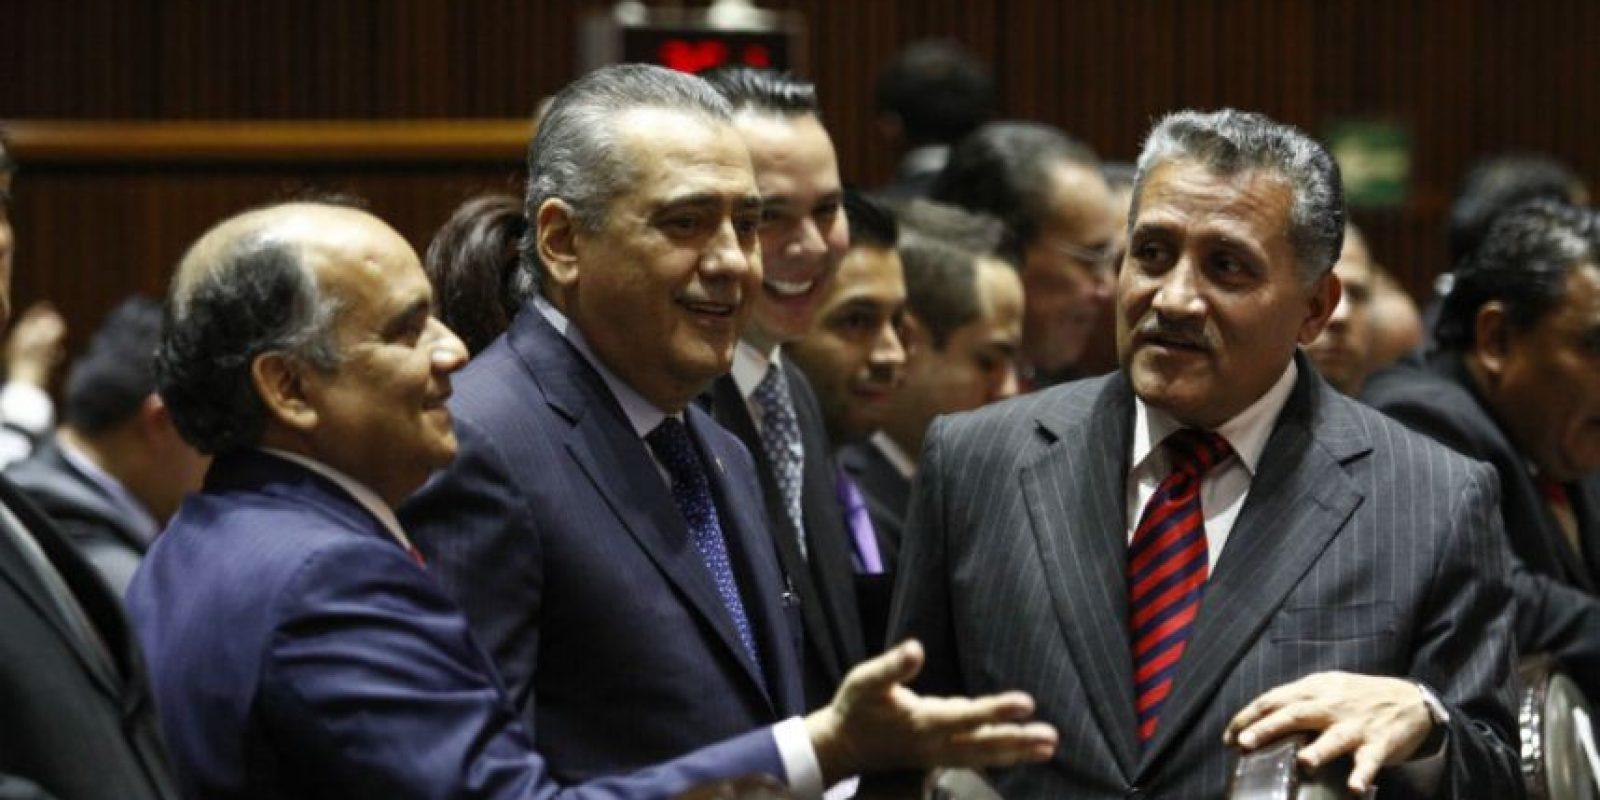 Aún así, el nombre de otros priistas, como el senador Arturo Zamora, en la extrema derecha, podría ser el próximo dirigente. Foto:Cuartoscuro